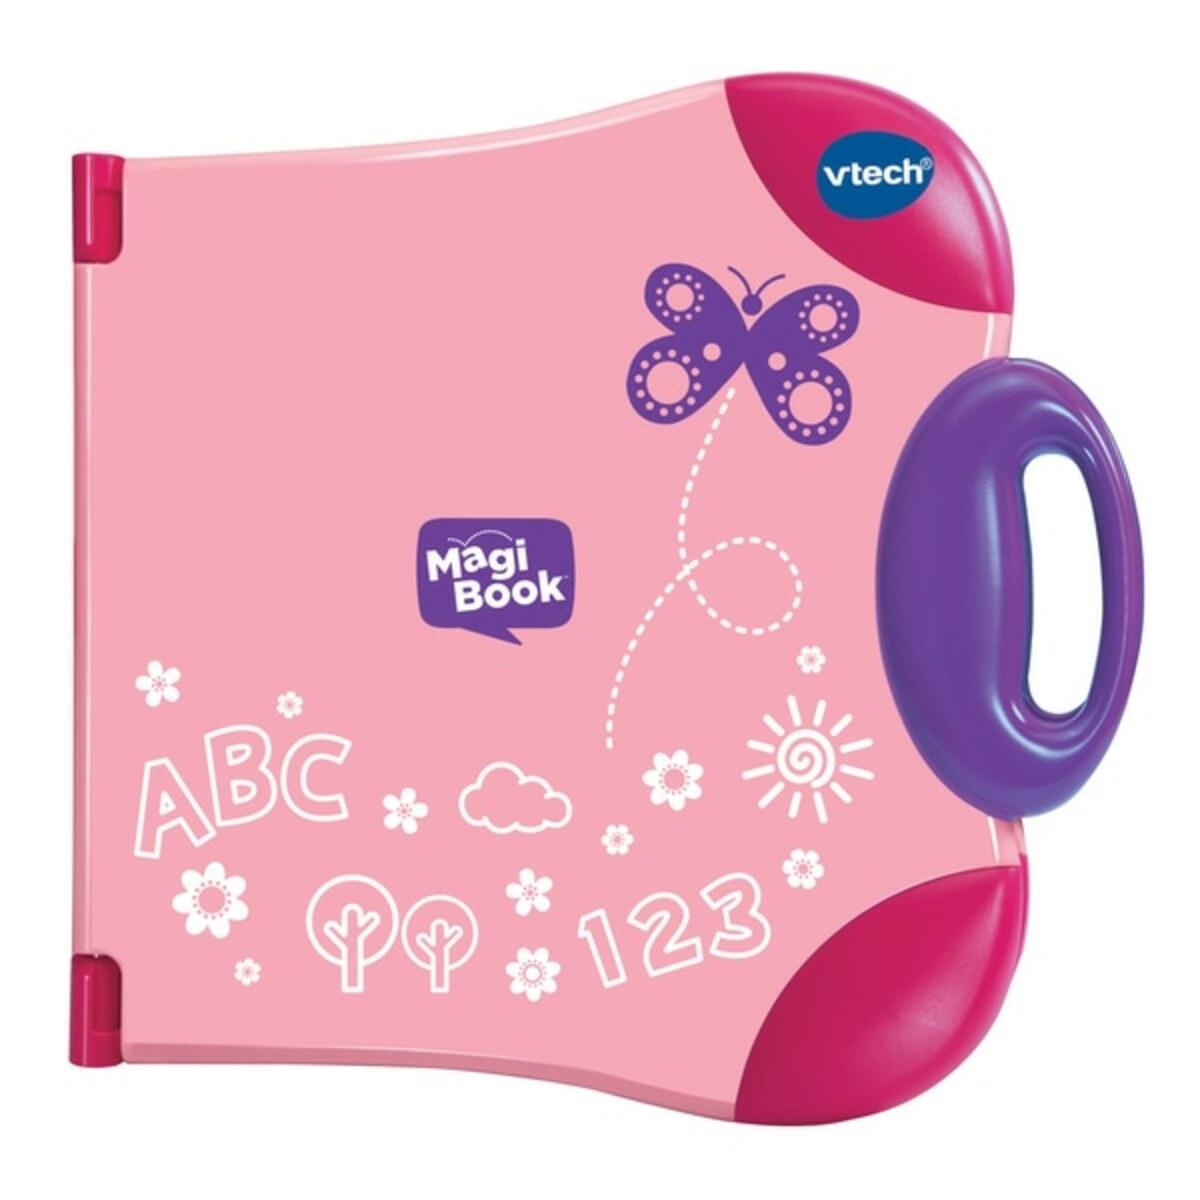 Bild 2 von VTech - MagiBook, pink